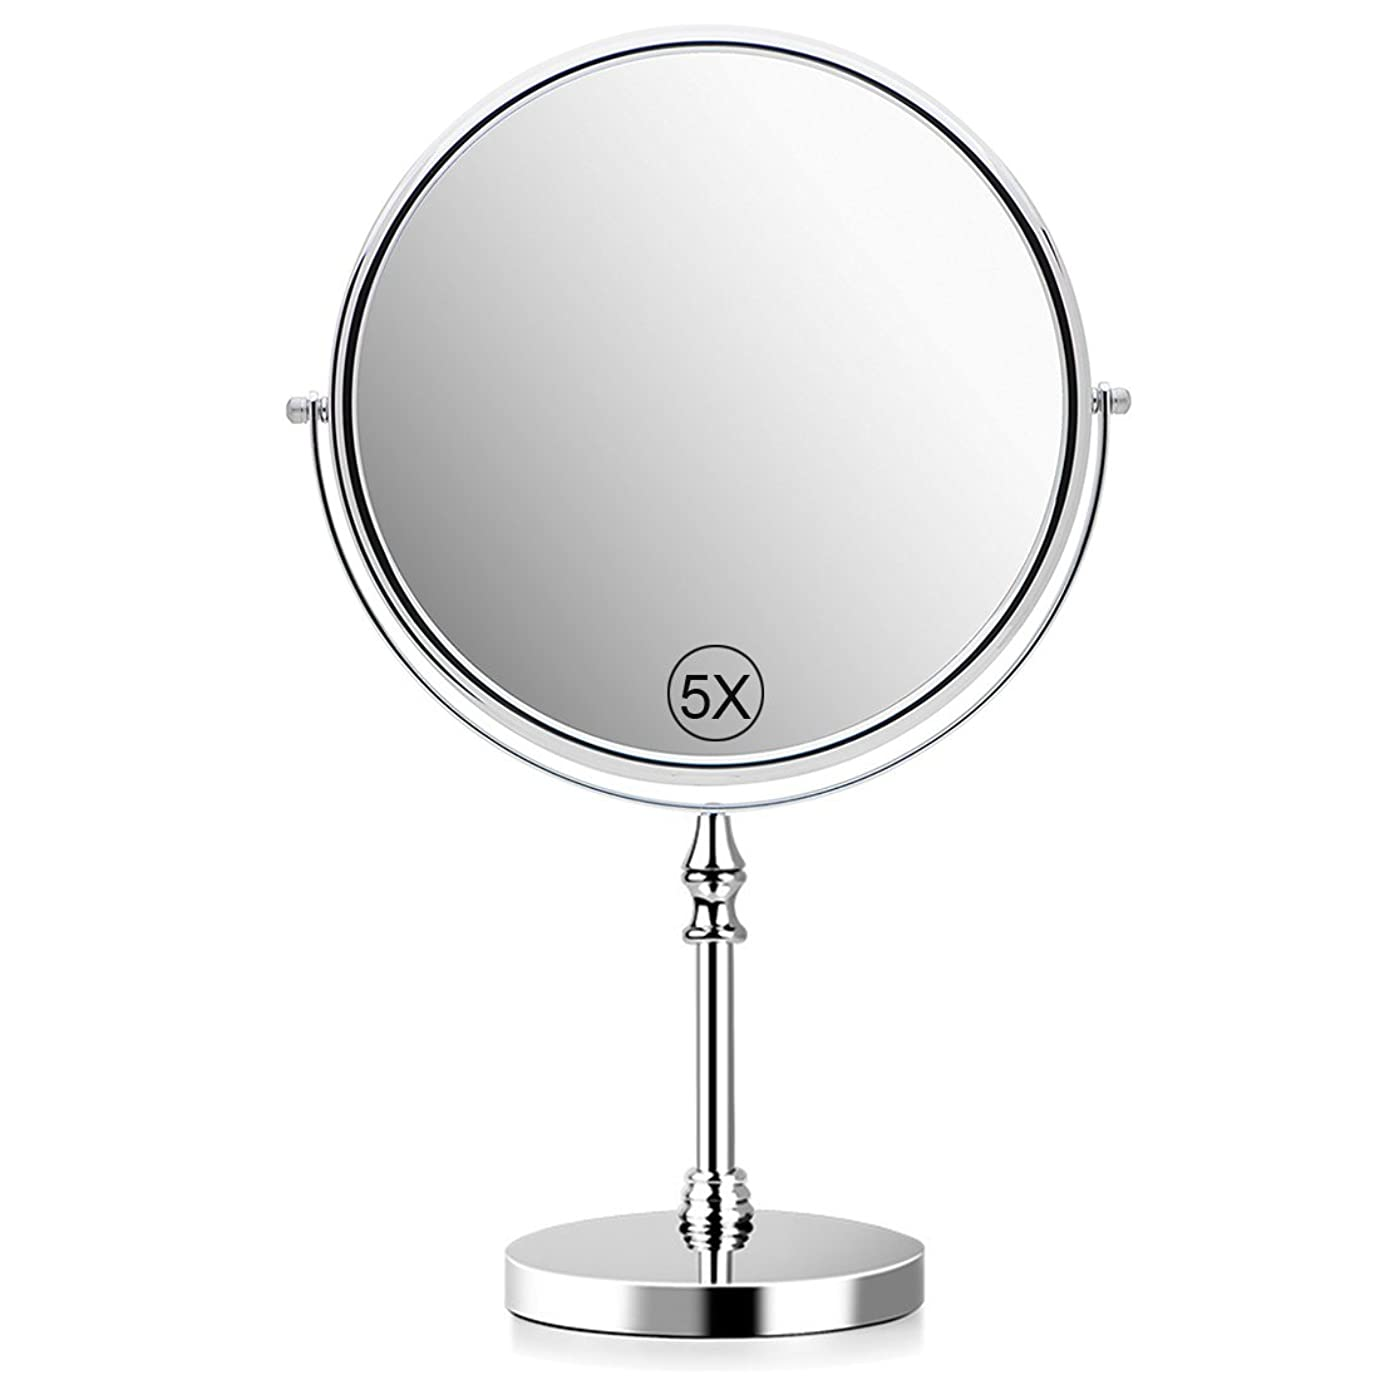 どこにも絶え間ないけん引5倍拡大鏡 化粧鏡 卓上鏡 化粧ミラー 等倍鏡 両面型 360度回転式 60度回転 直径20cm